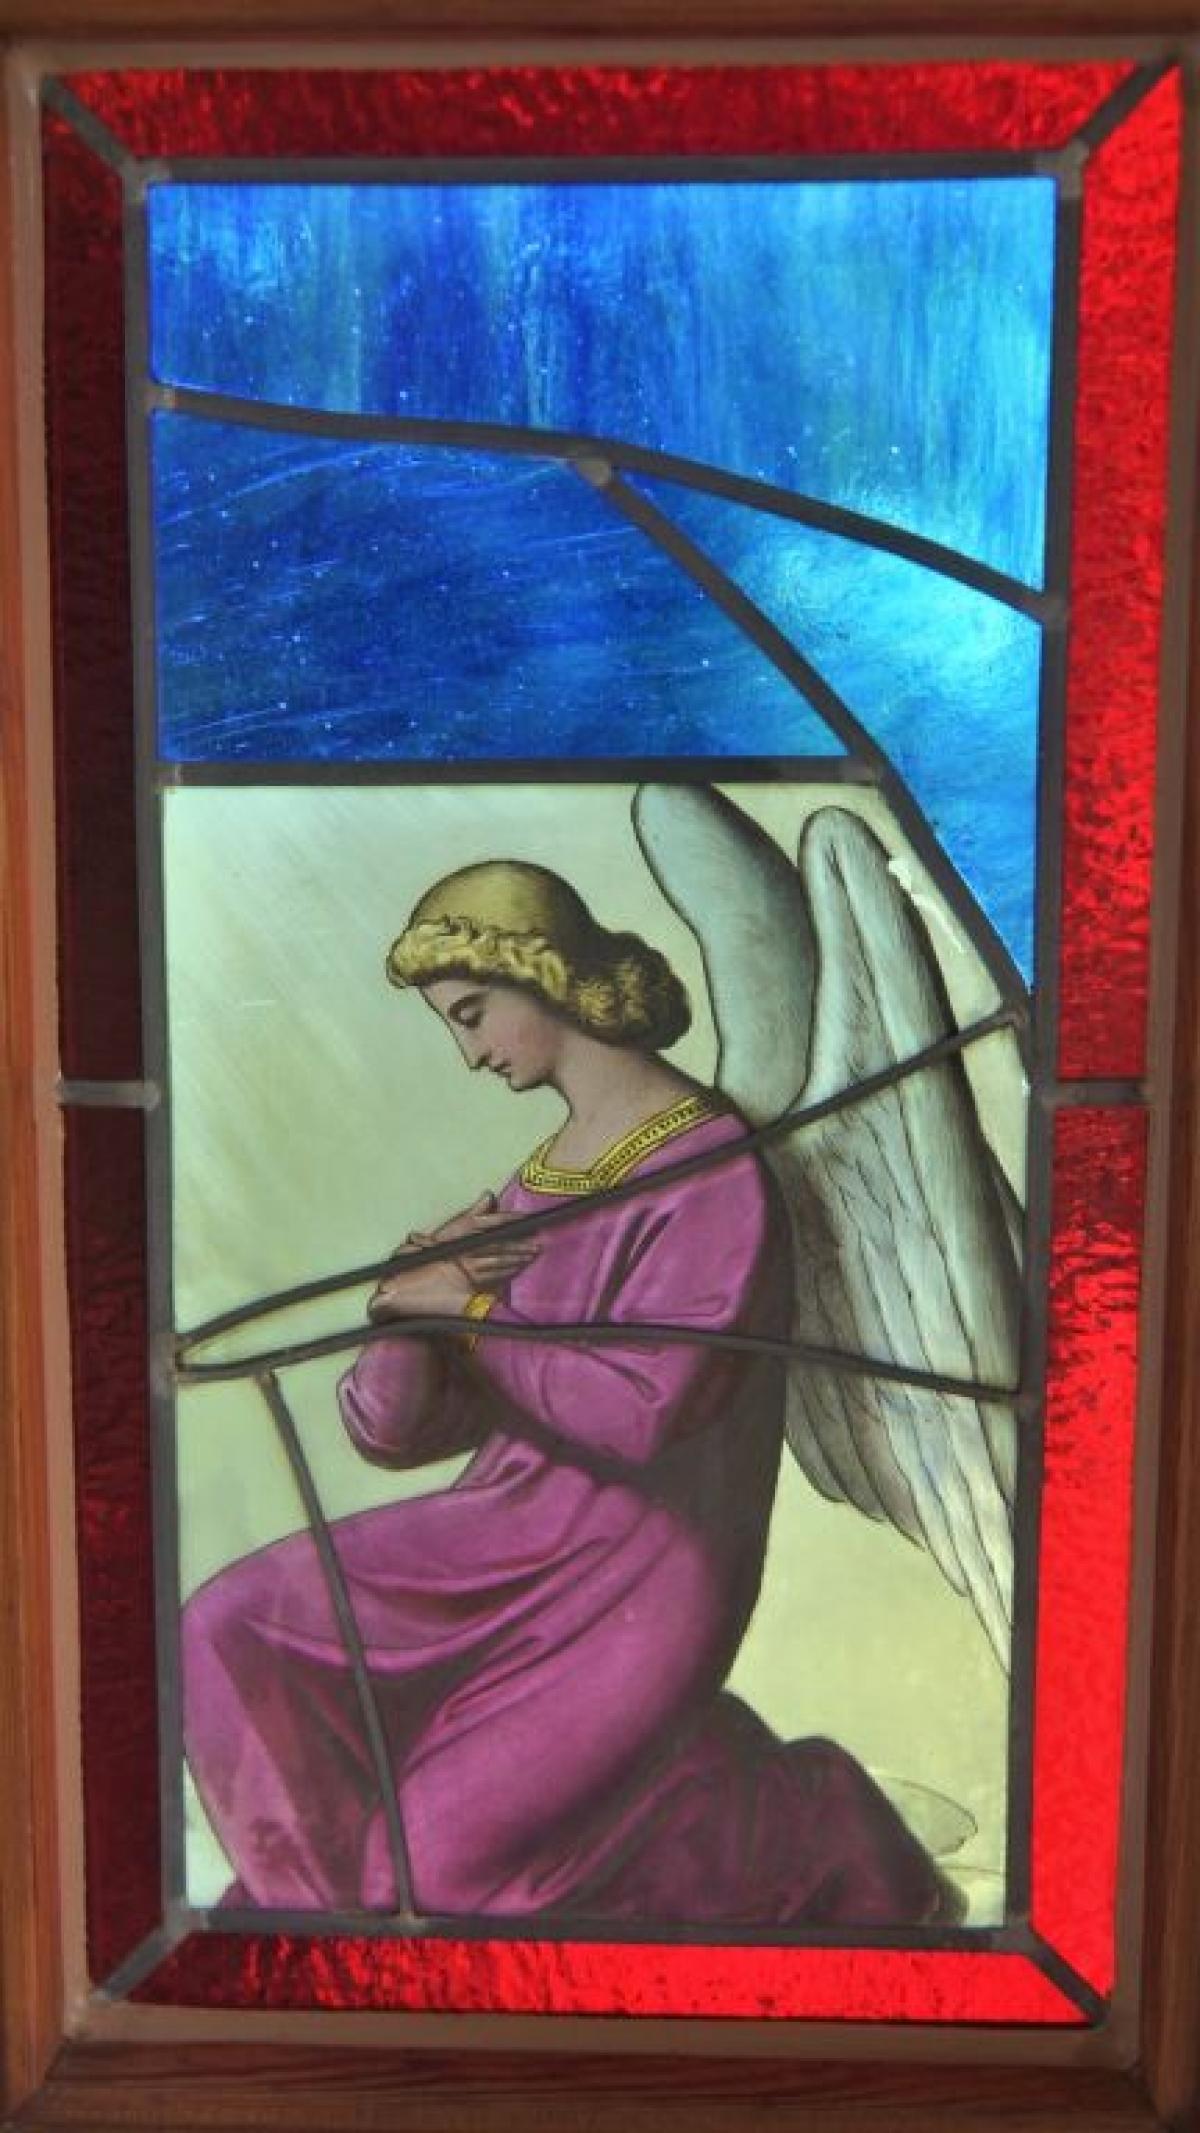 Die seitlichen Glasfenster mit den Schutzengel-Motiven lassen gedämpftes Licht in den Kapellenraum eindringen.